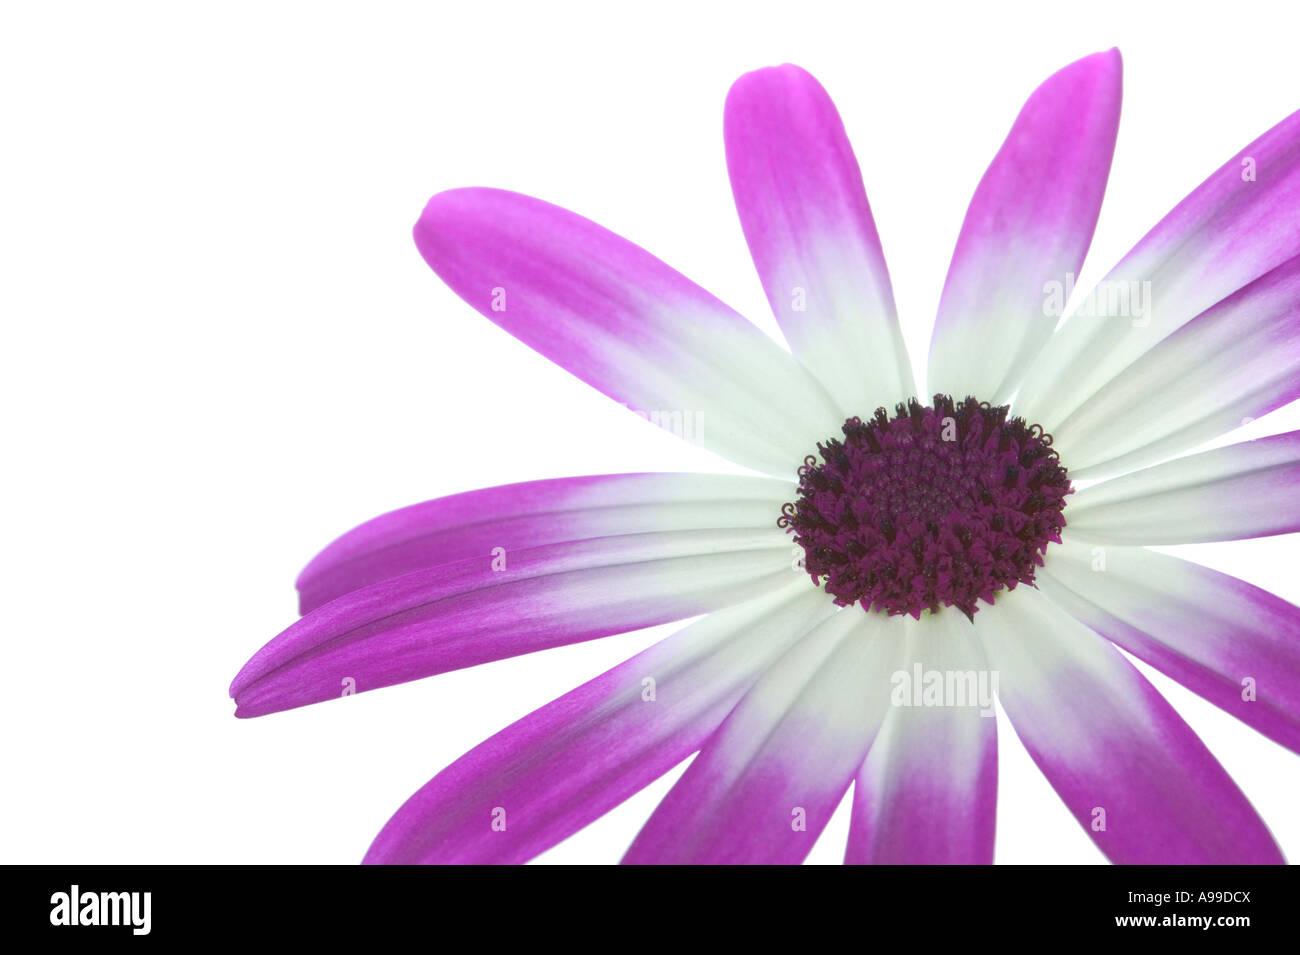 Flower Senetti Magenta Bi Color isolated on white lower right of frame - Stock Image